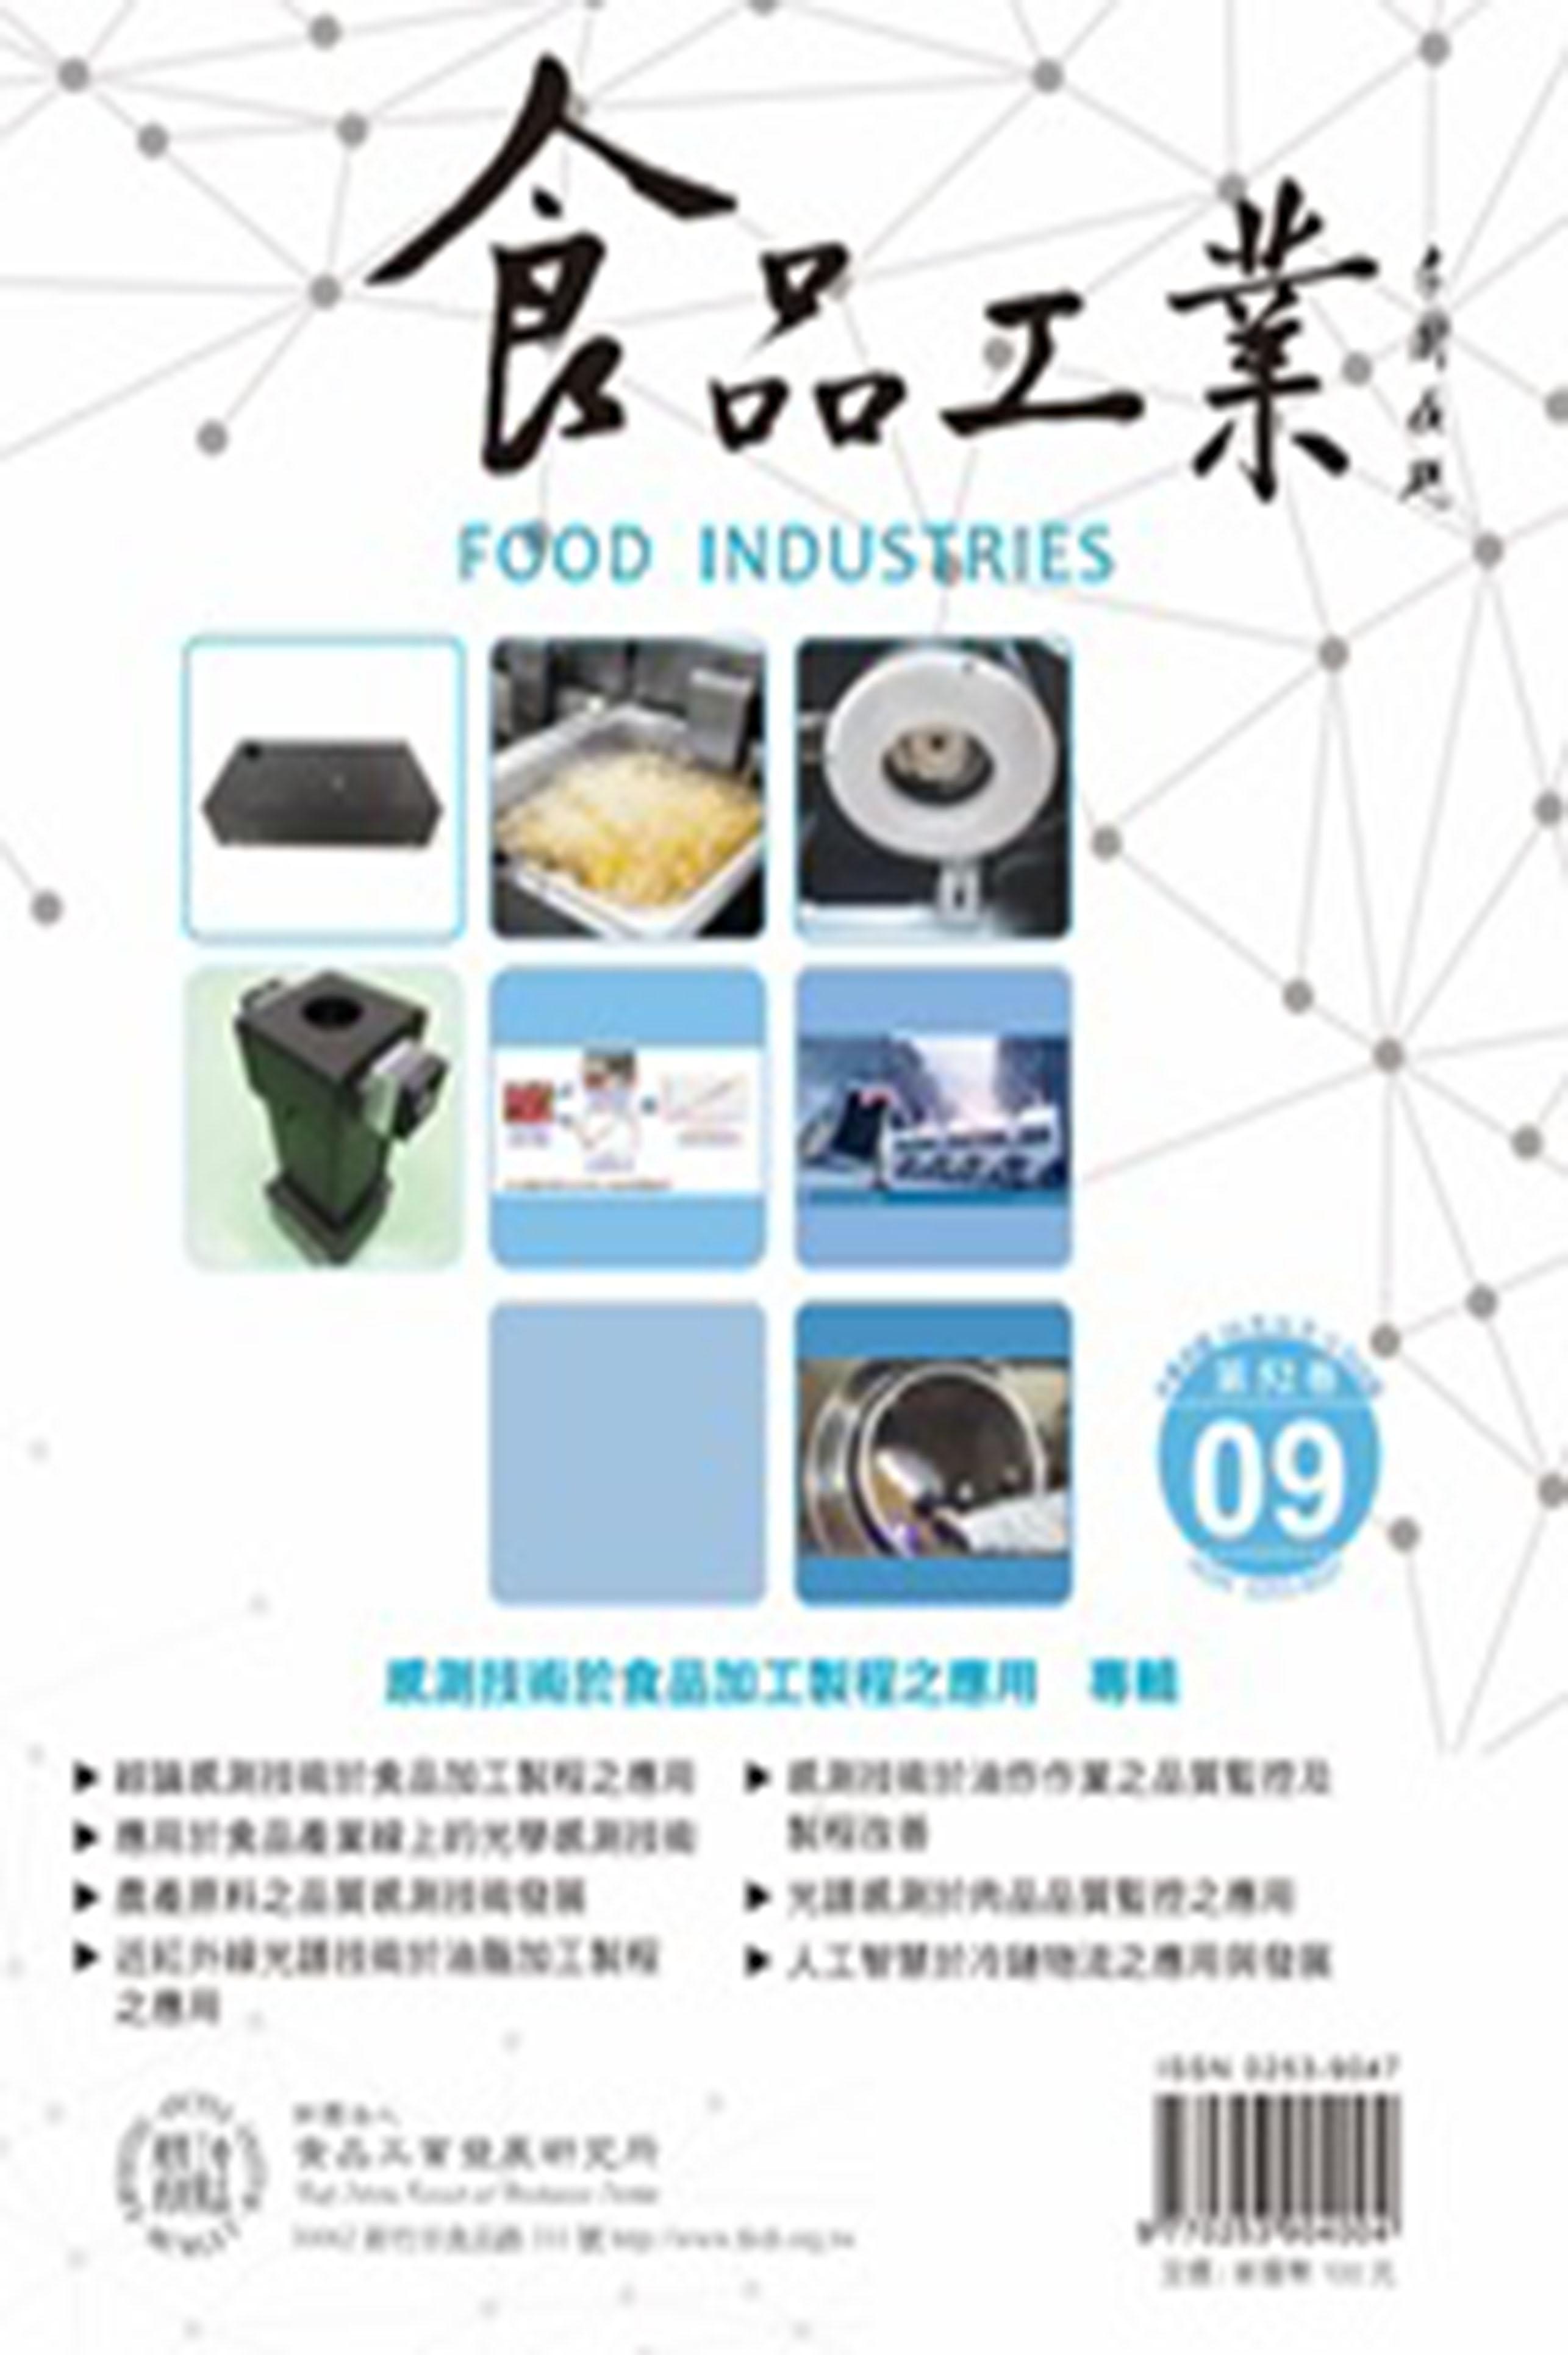 部份食品檢測技術刊於『食品工業月刊』封面